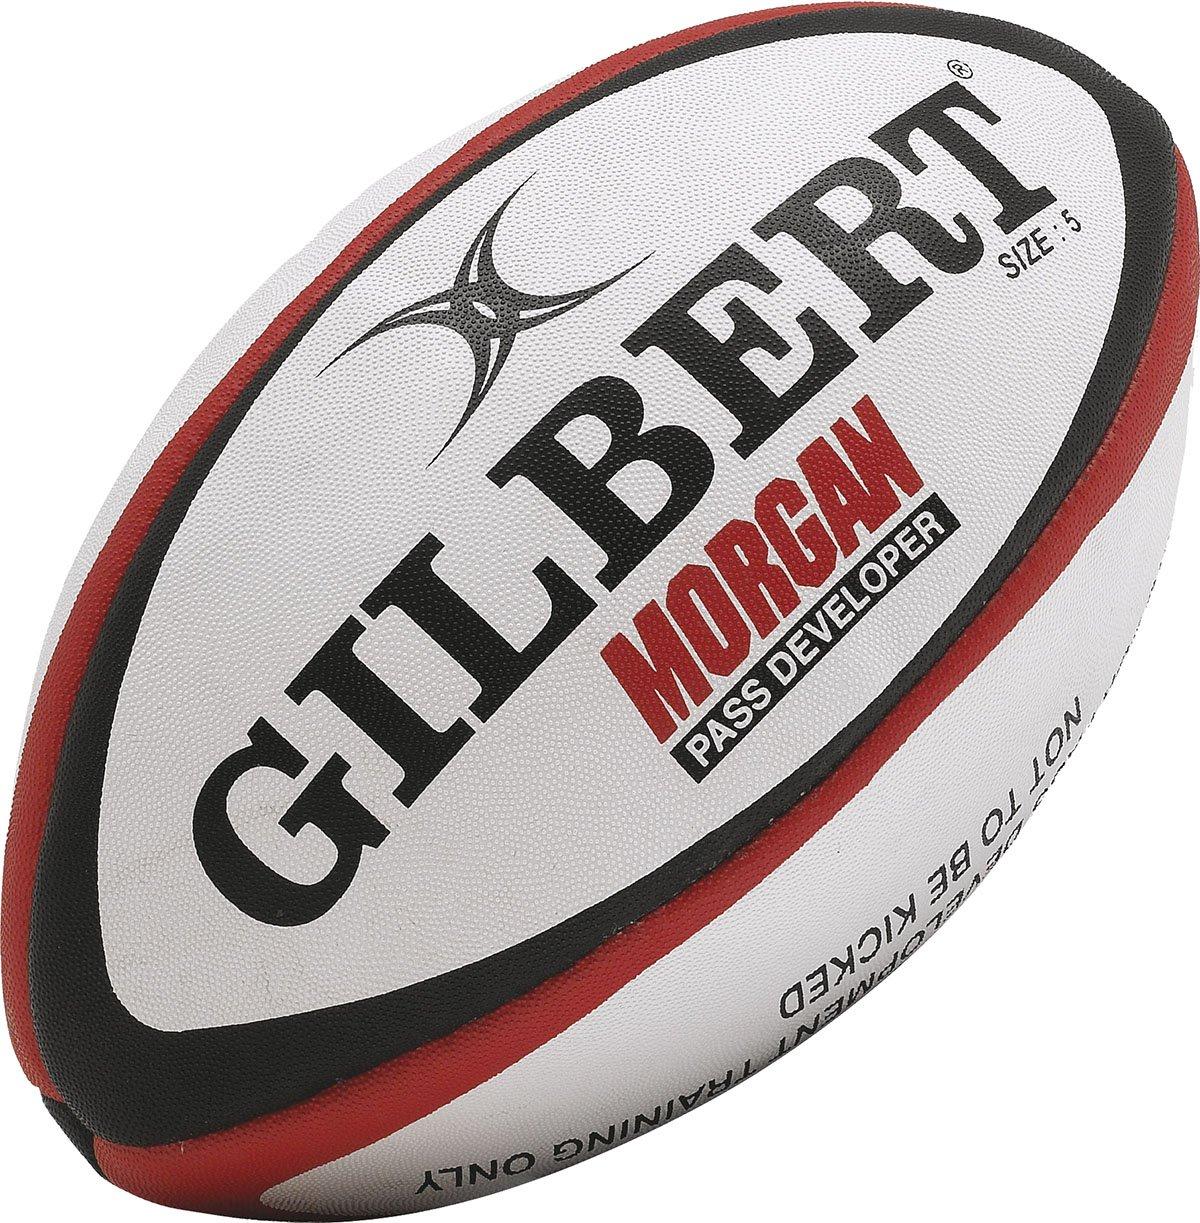 ギルバートラグビースポーツボールモーガンPass開発者サイズ4 – 5  Size 4